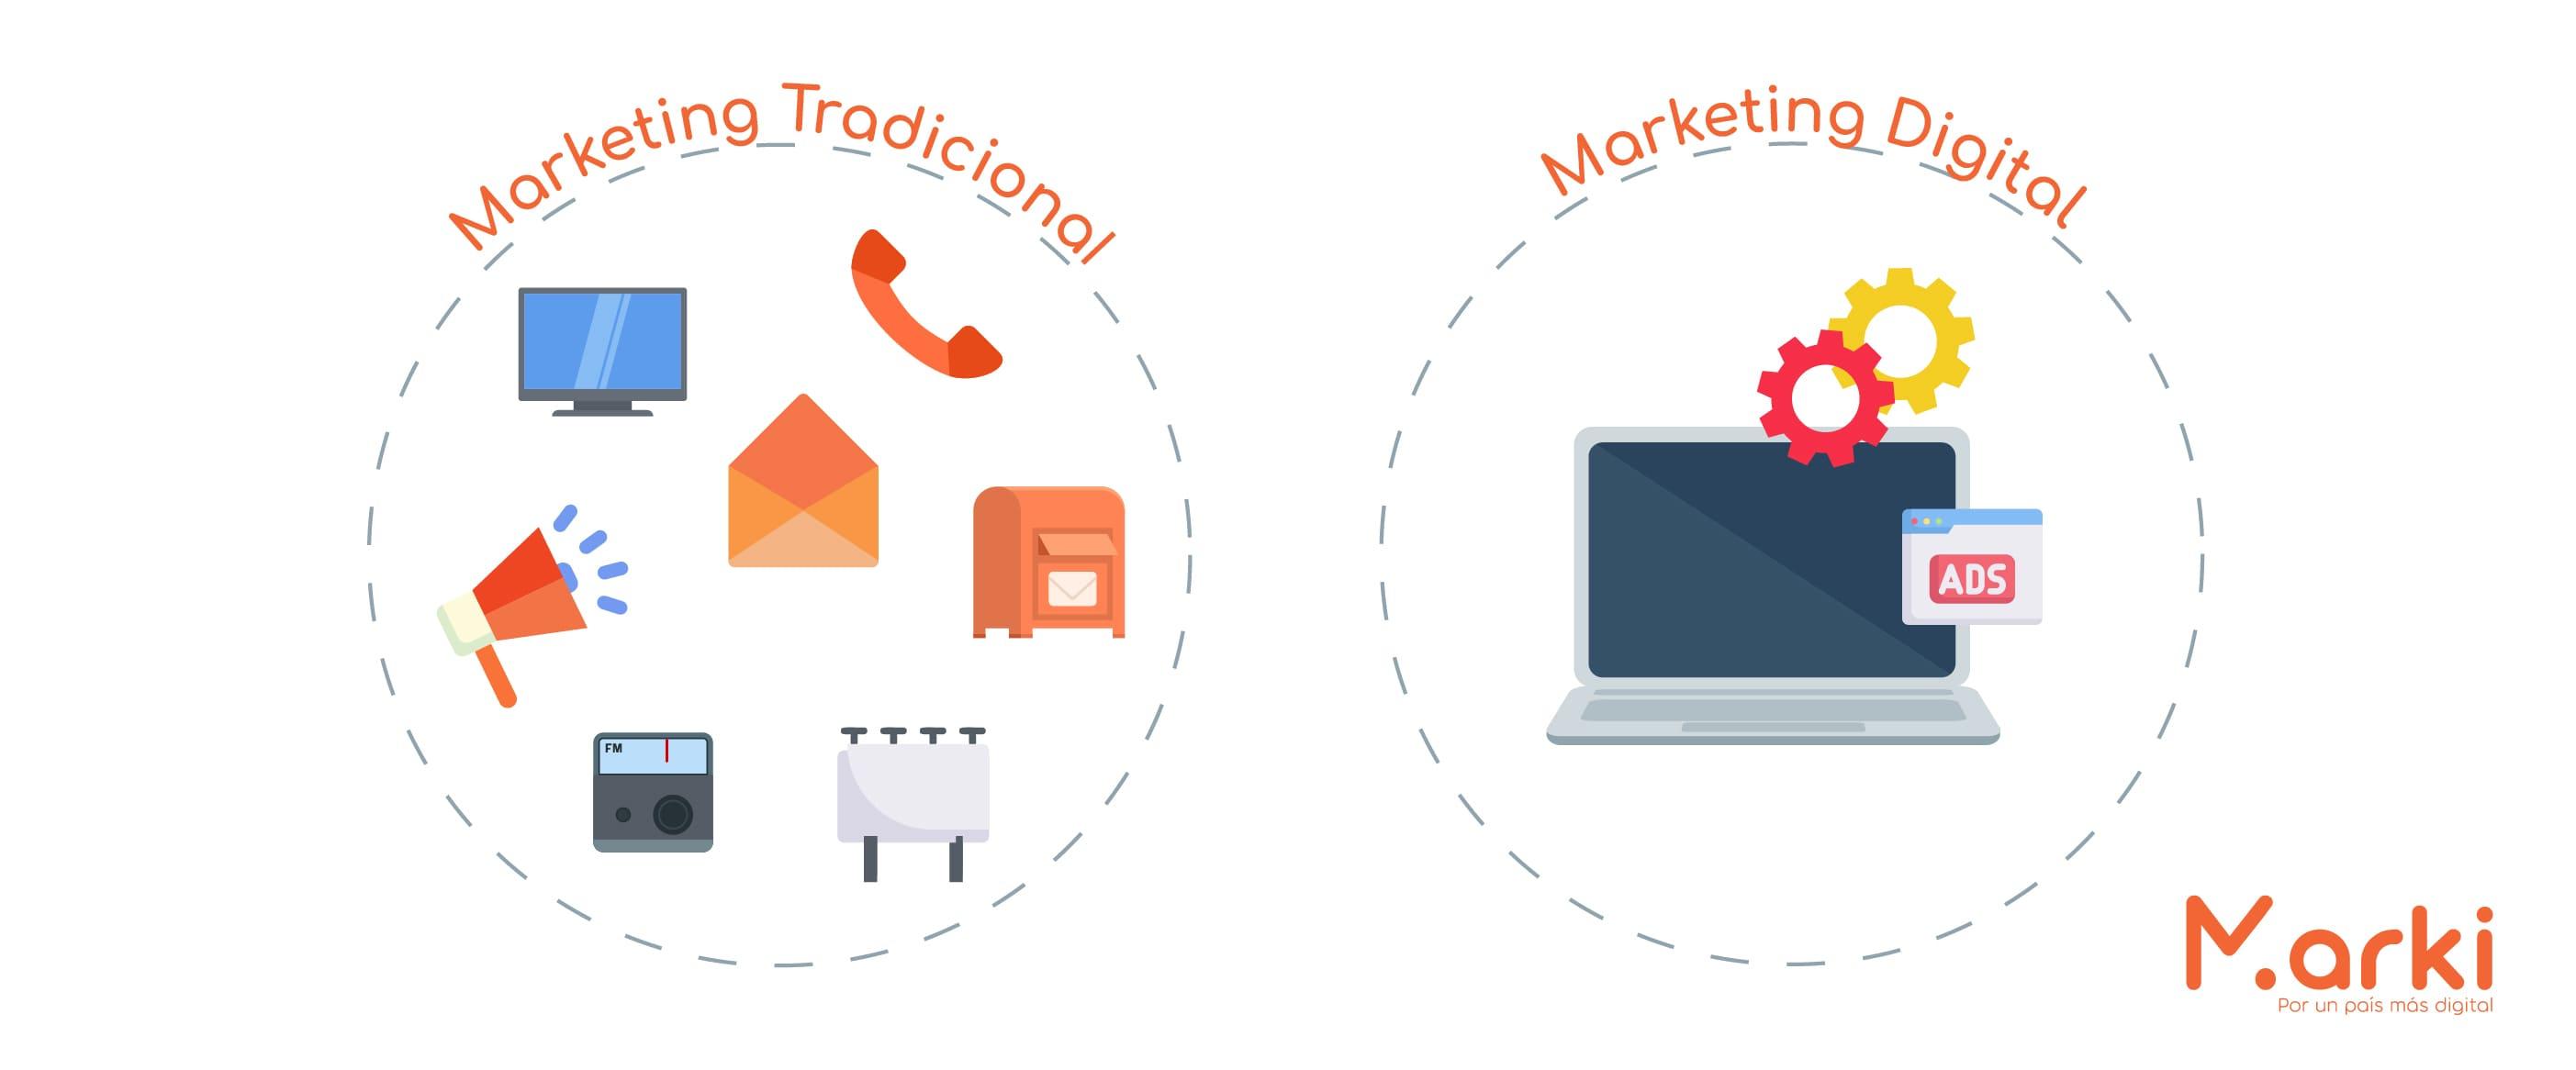 cuál es la diferencia entre marketing digital y marketing tradicional ventajas y desventajas del marketing digital y tradicional marketing tradicional vs digital semejanzas entre marketing tradicional y digital voluntarios universitarios voluntariado peru voluntariado online voluntariado marki